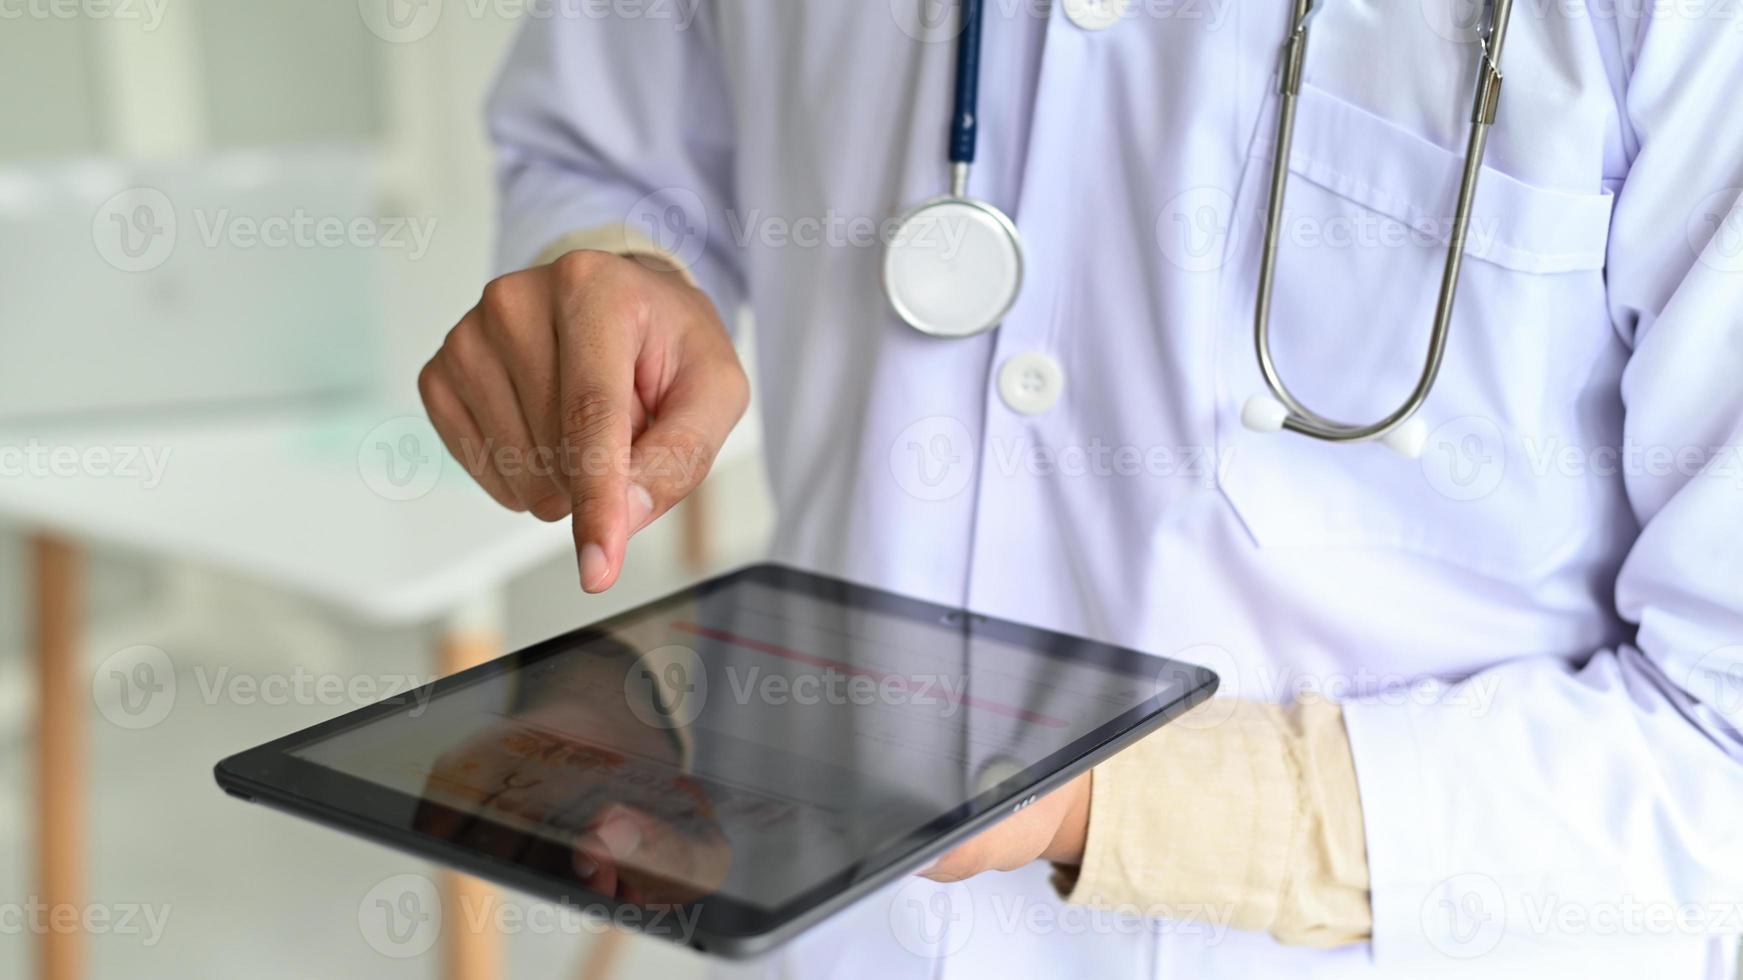 medisch personeel in laboratoriumjas met stethoscoop. foto